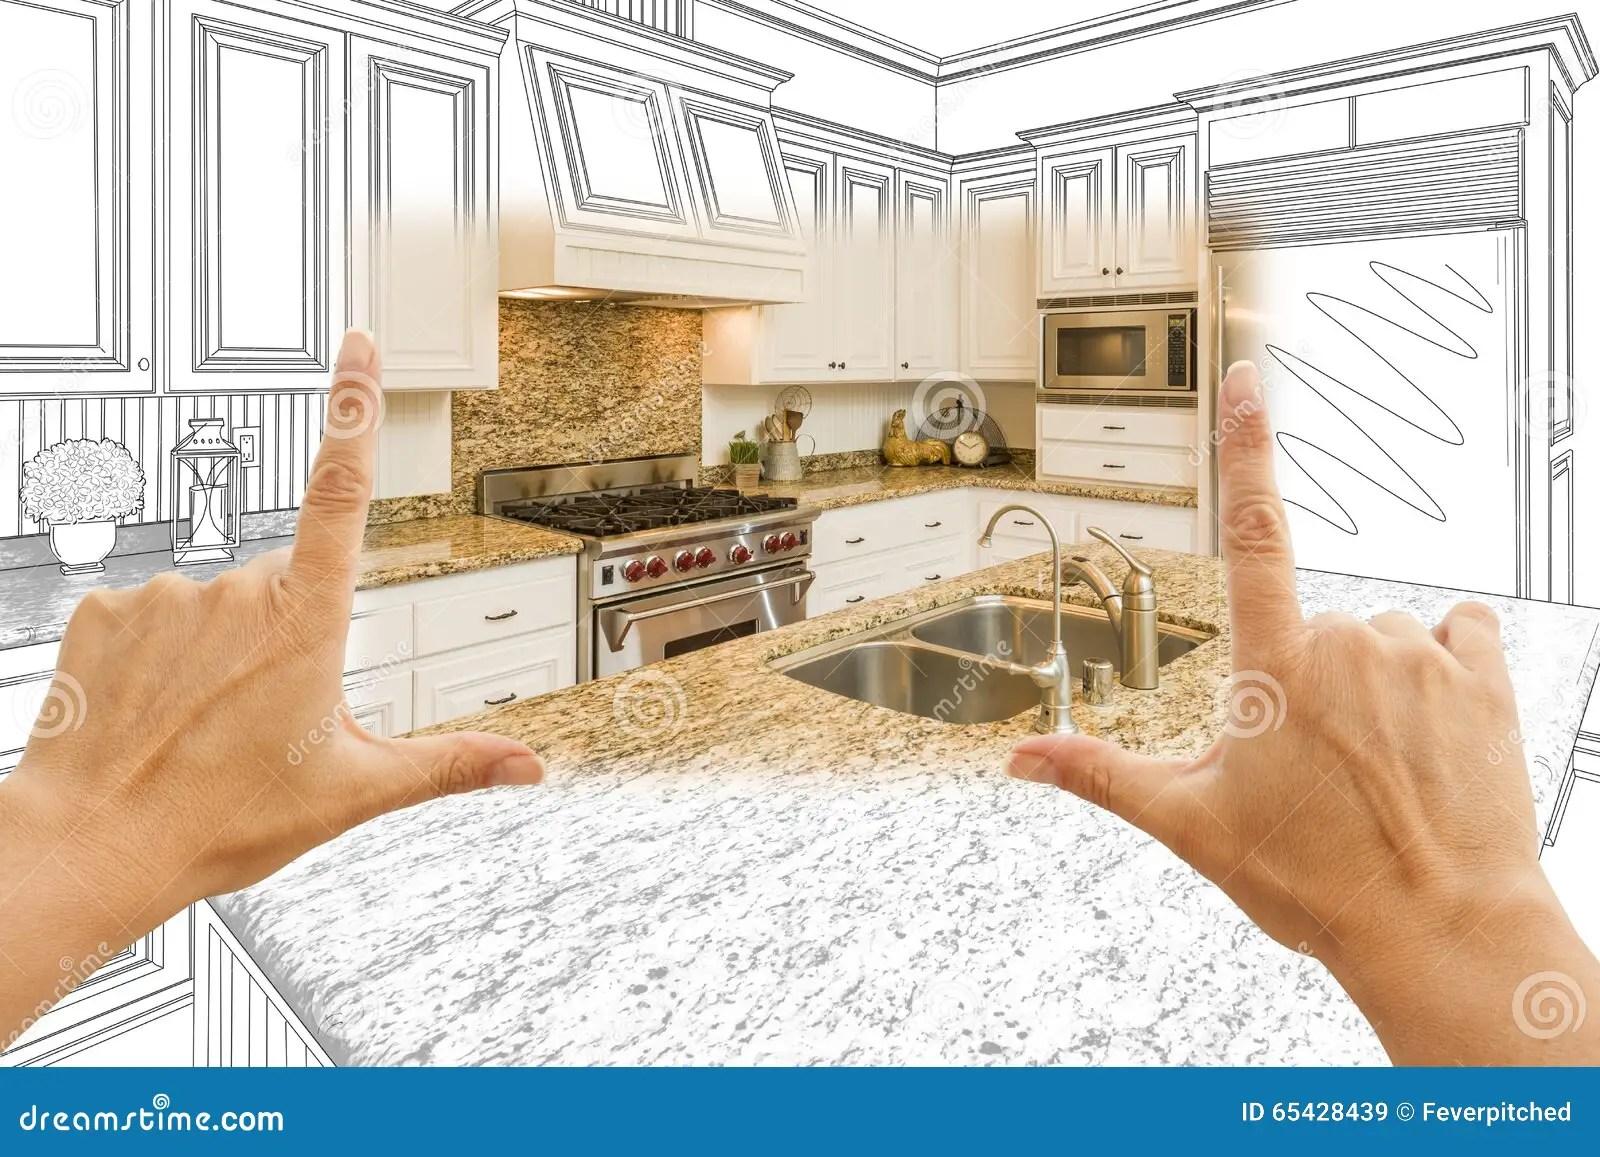 backyard kitchen designs small rugs 构筑习惯厨房设计图和正方形照片com的手库存图片 图片包括有图纸 想法 构筑习惯厨房设计图和正方形照片com的手